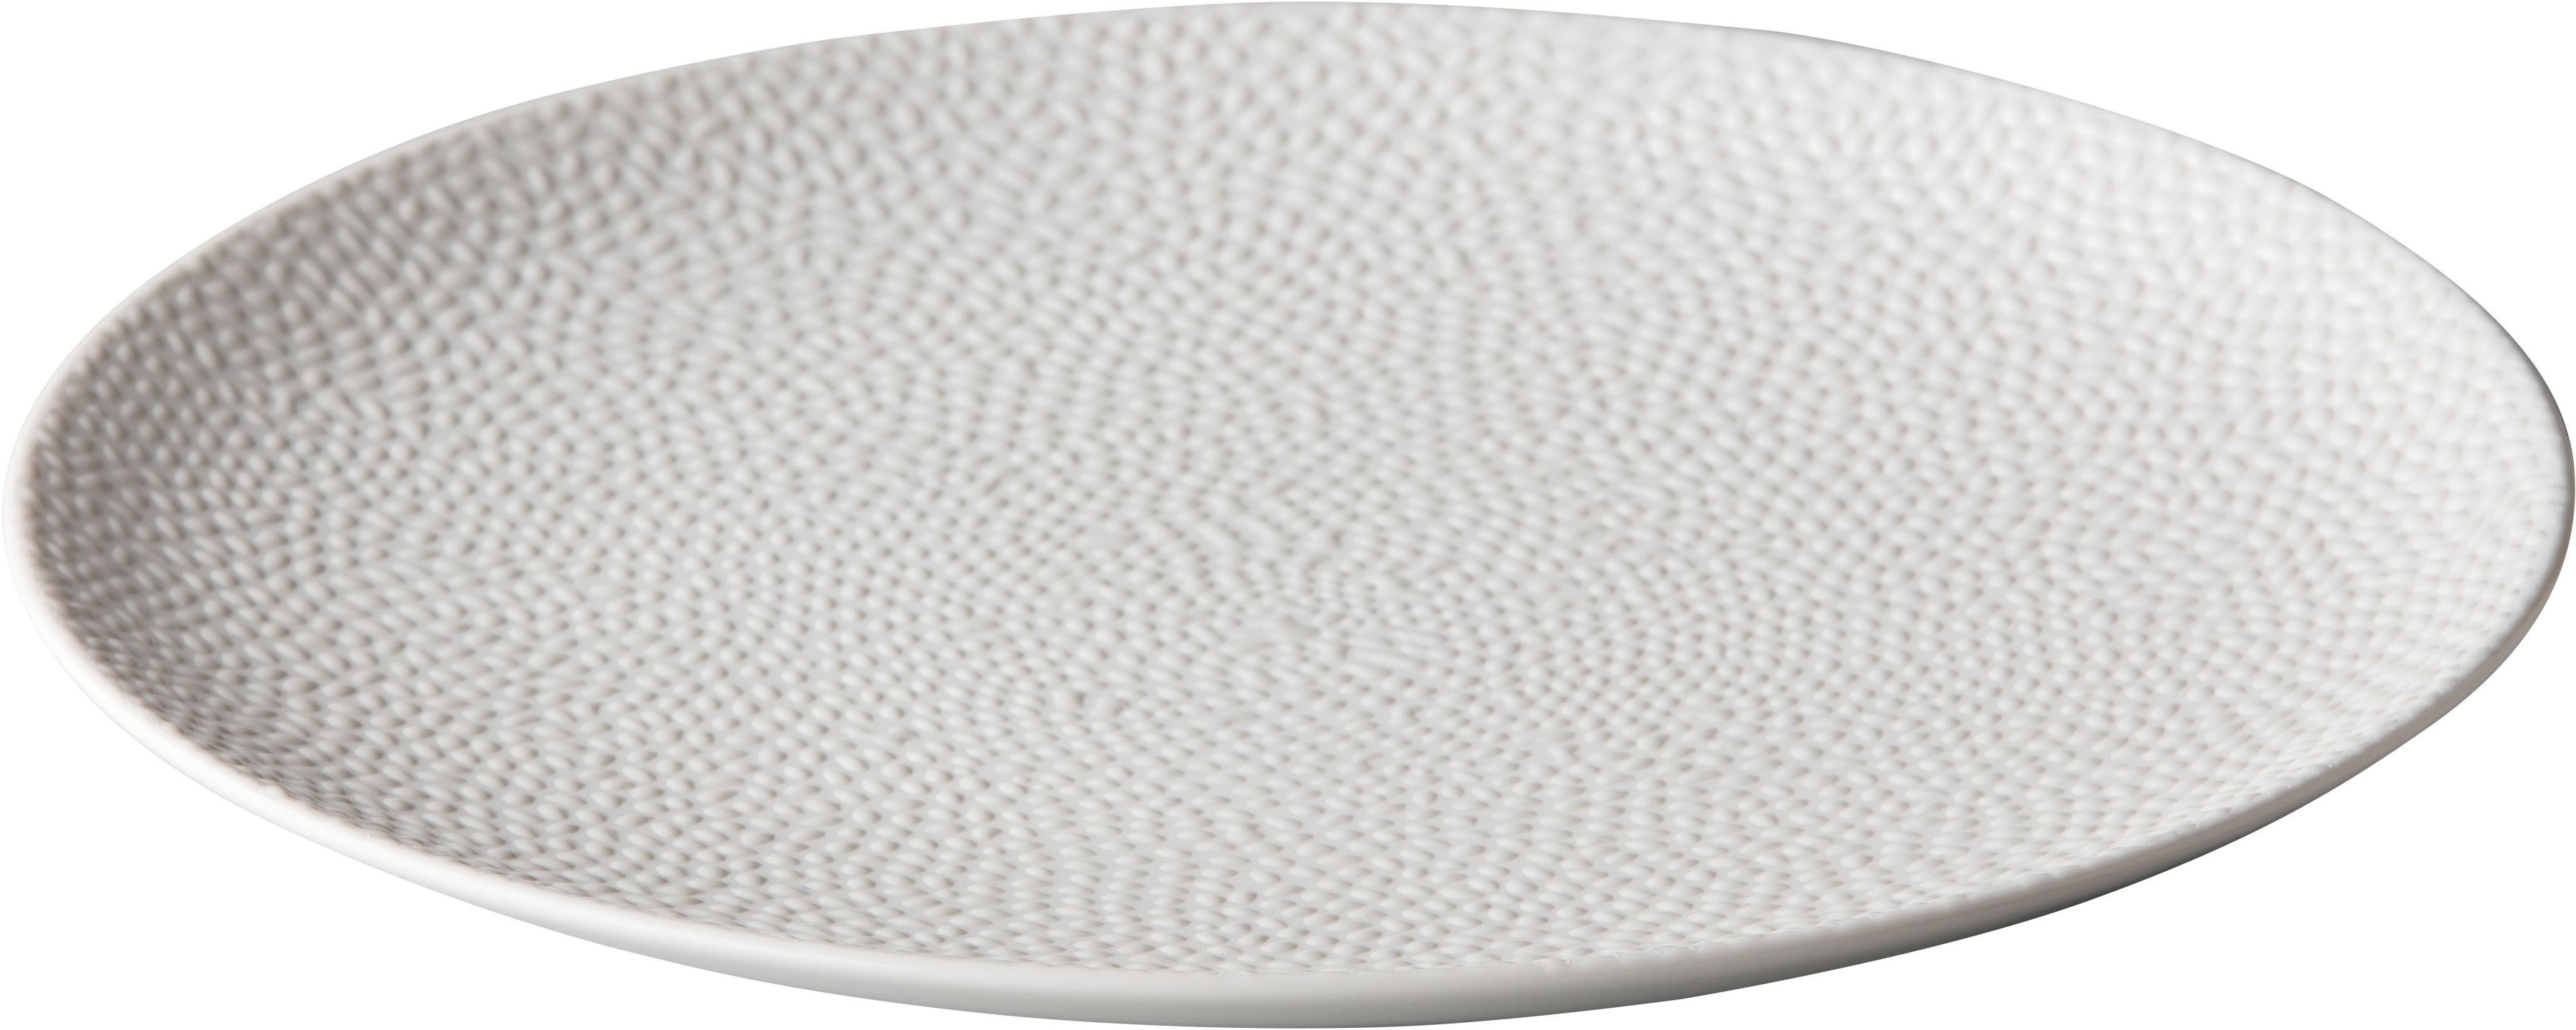 Talerz płytki Honeycomb biały 210 mm porcelana Fine Dine 773246